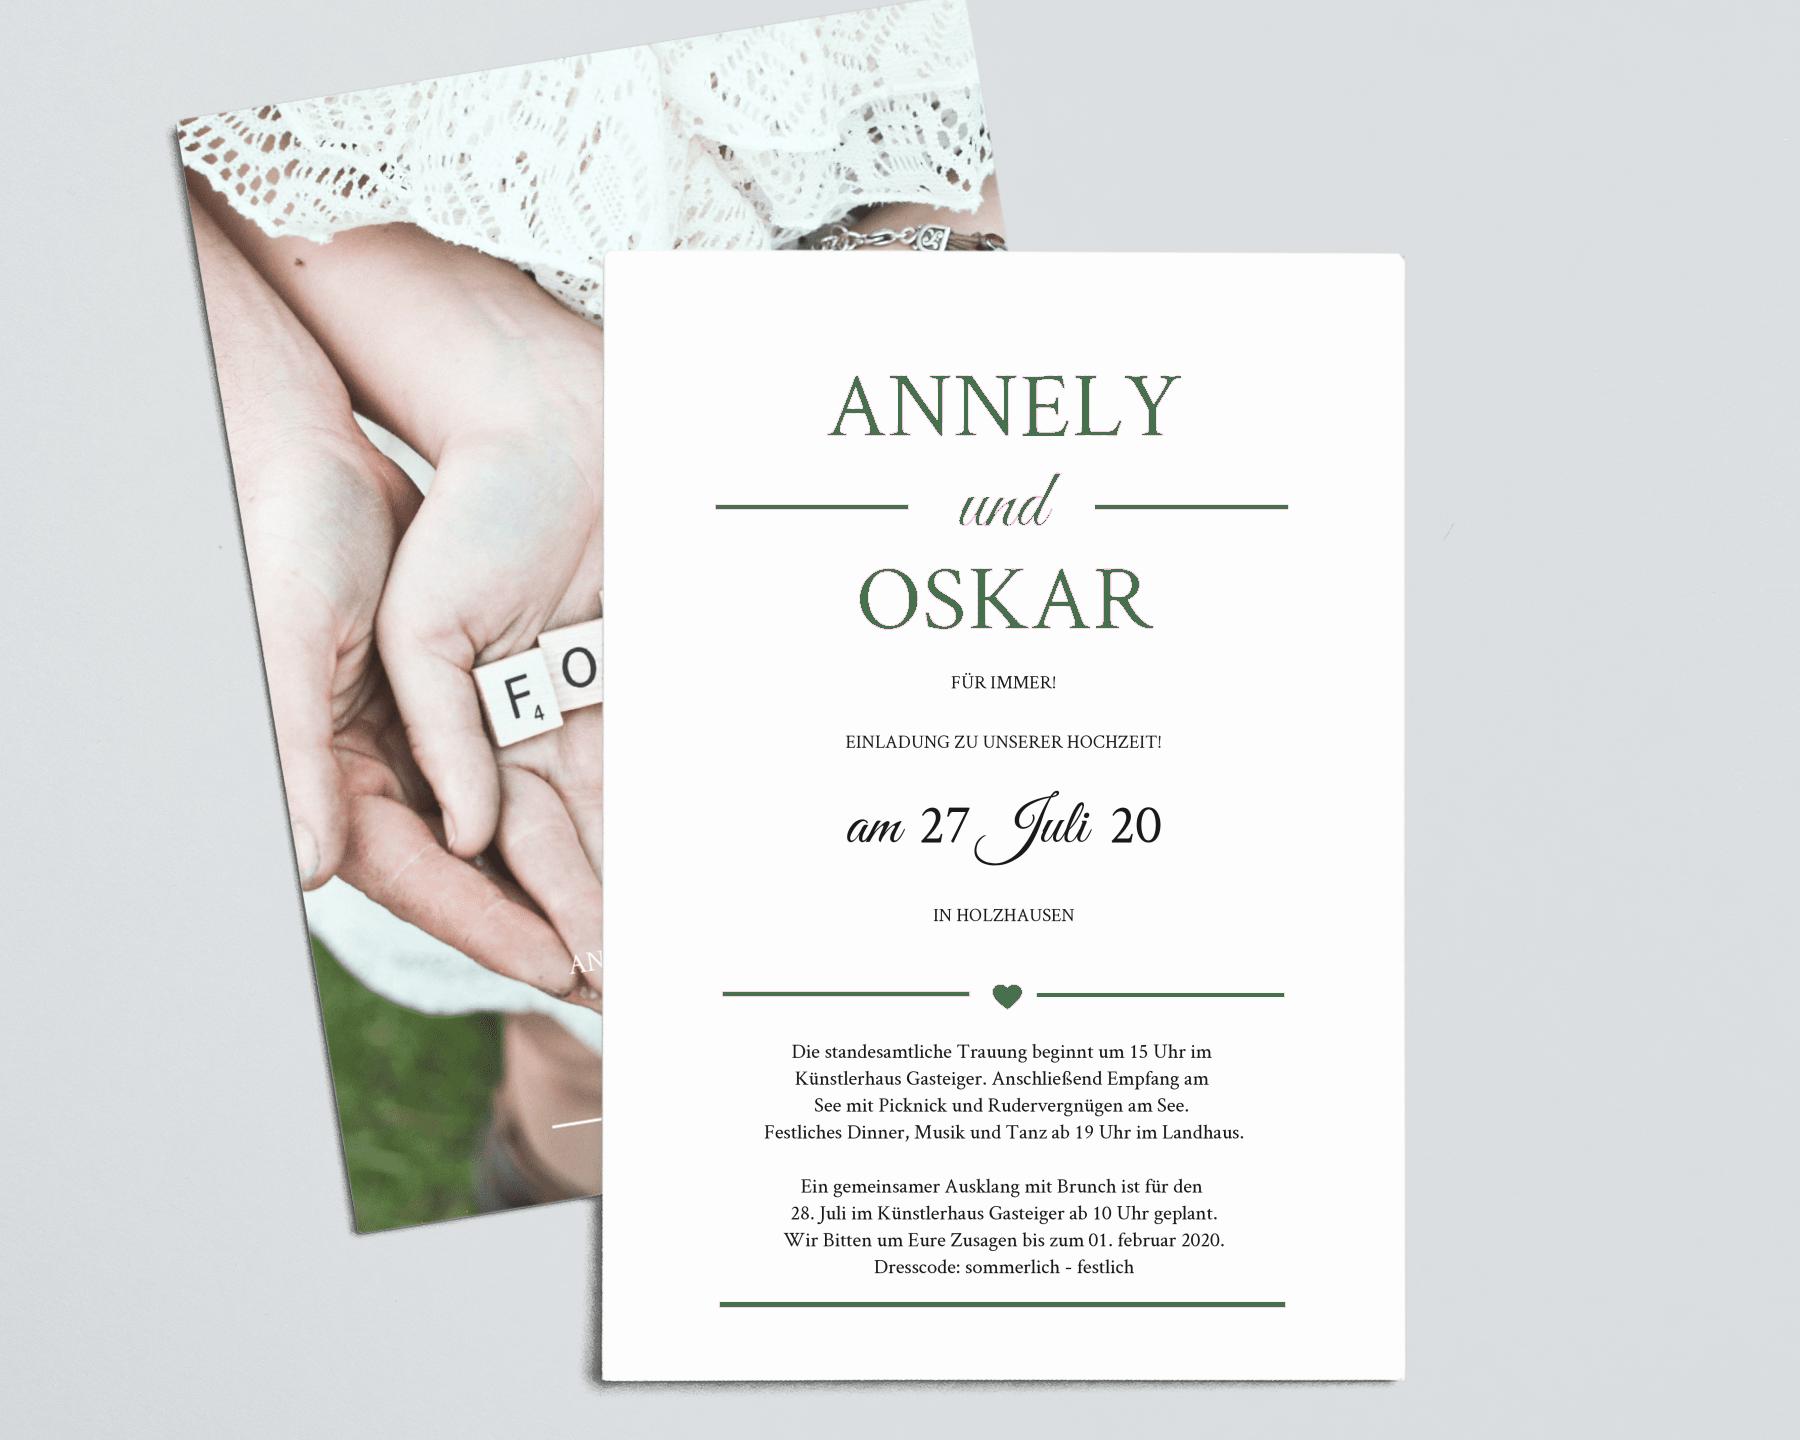 Standesamt einladung vorlage zum Einladungstext Hochzeit